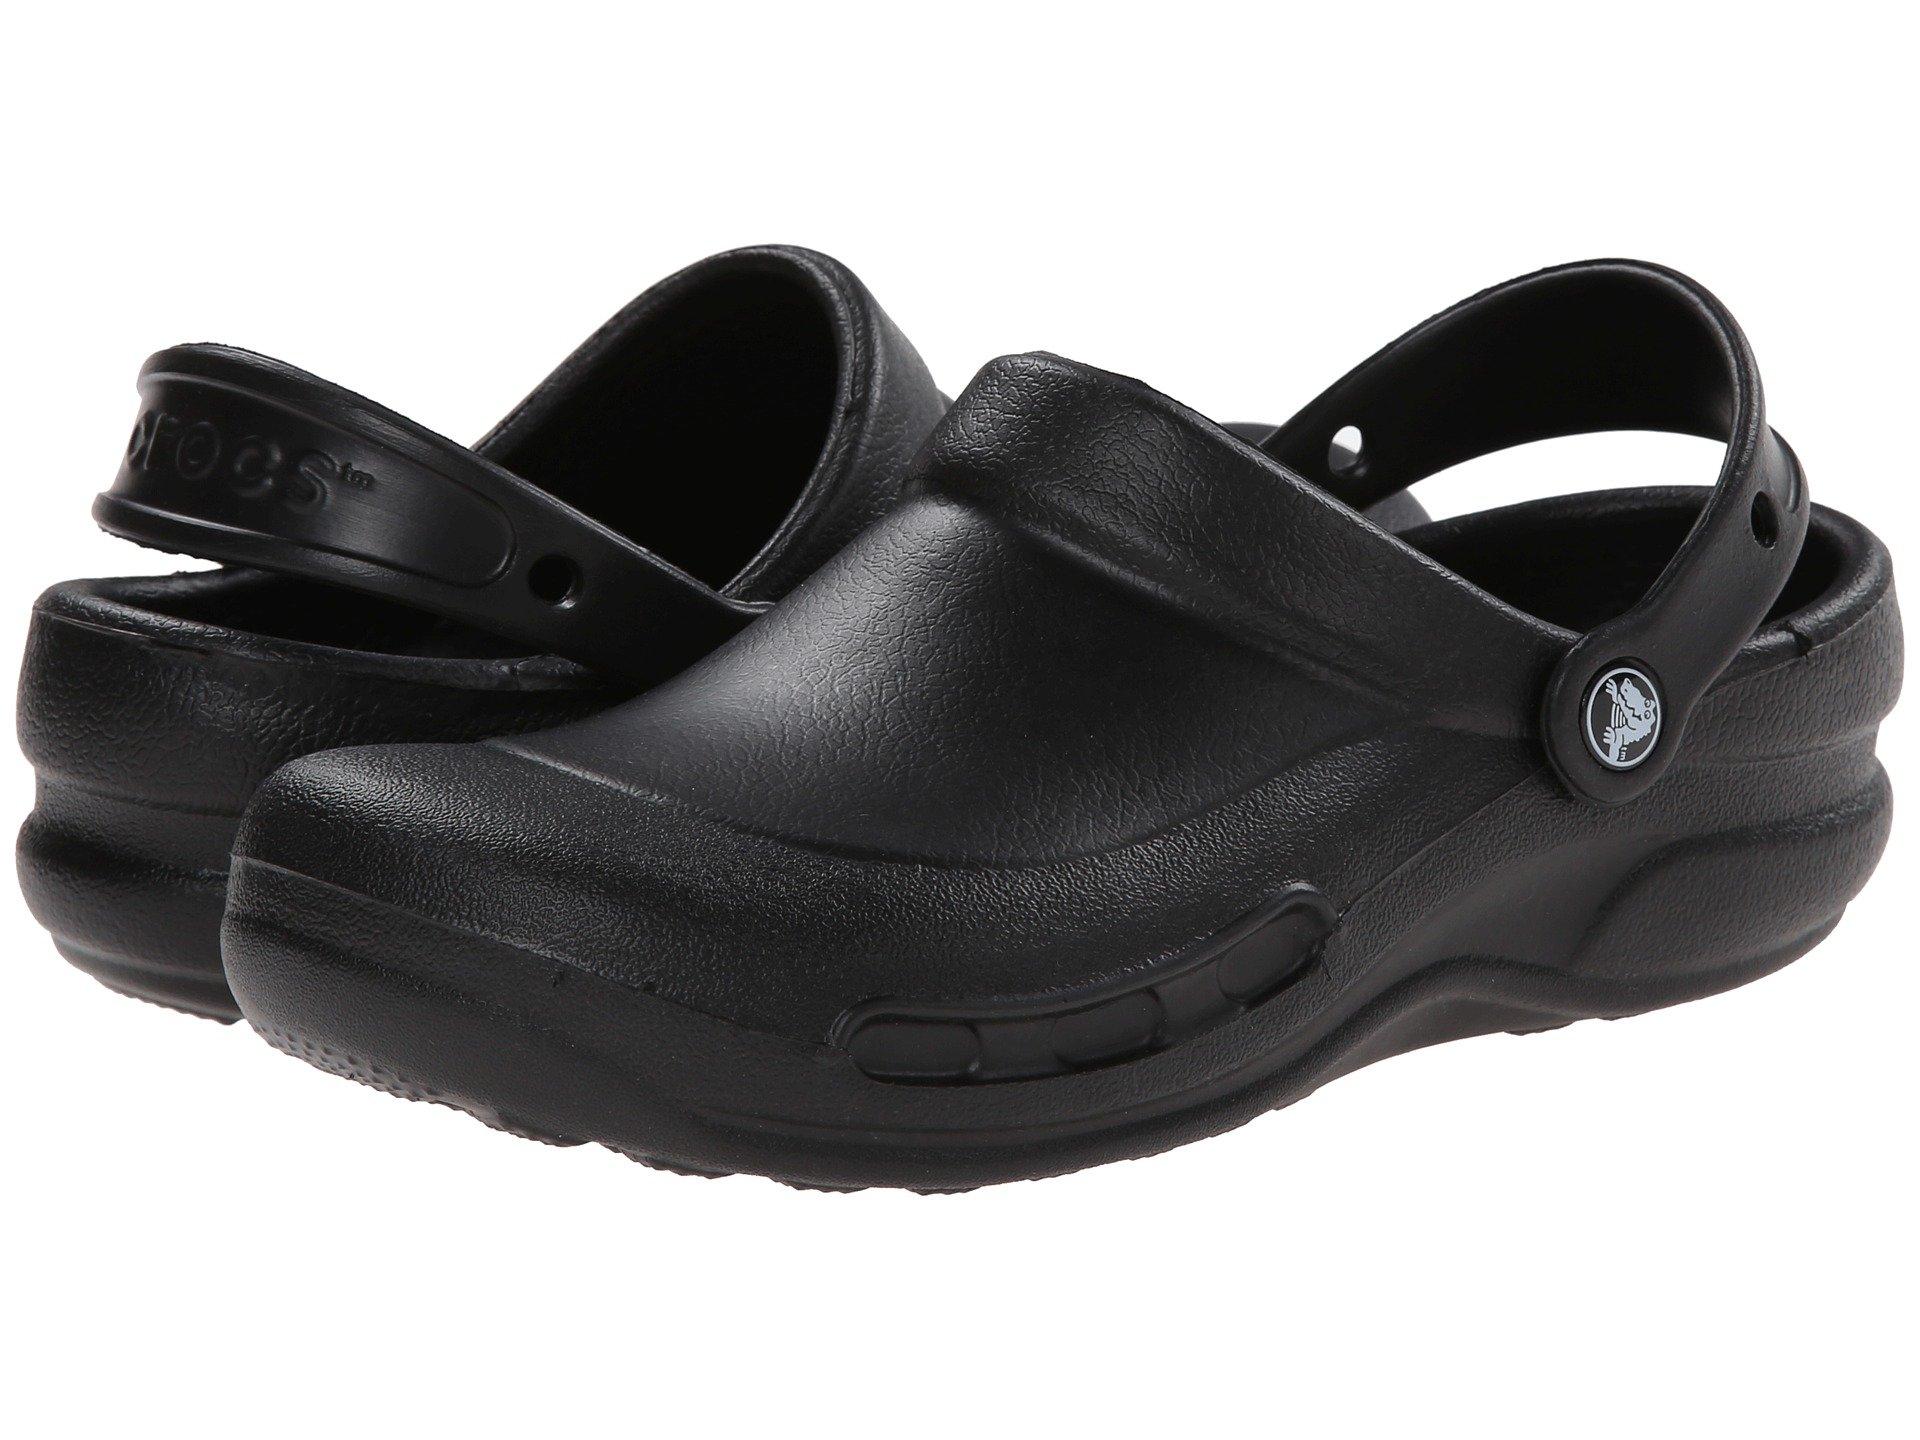 Crocs Shoes Sale | Crocs Specialist | Tie Dye Crocs